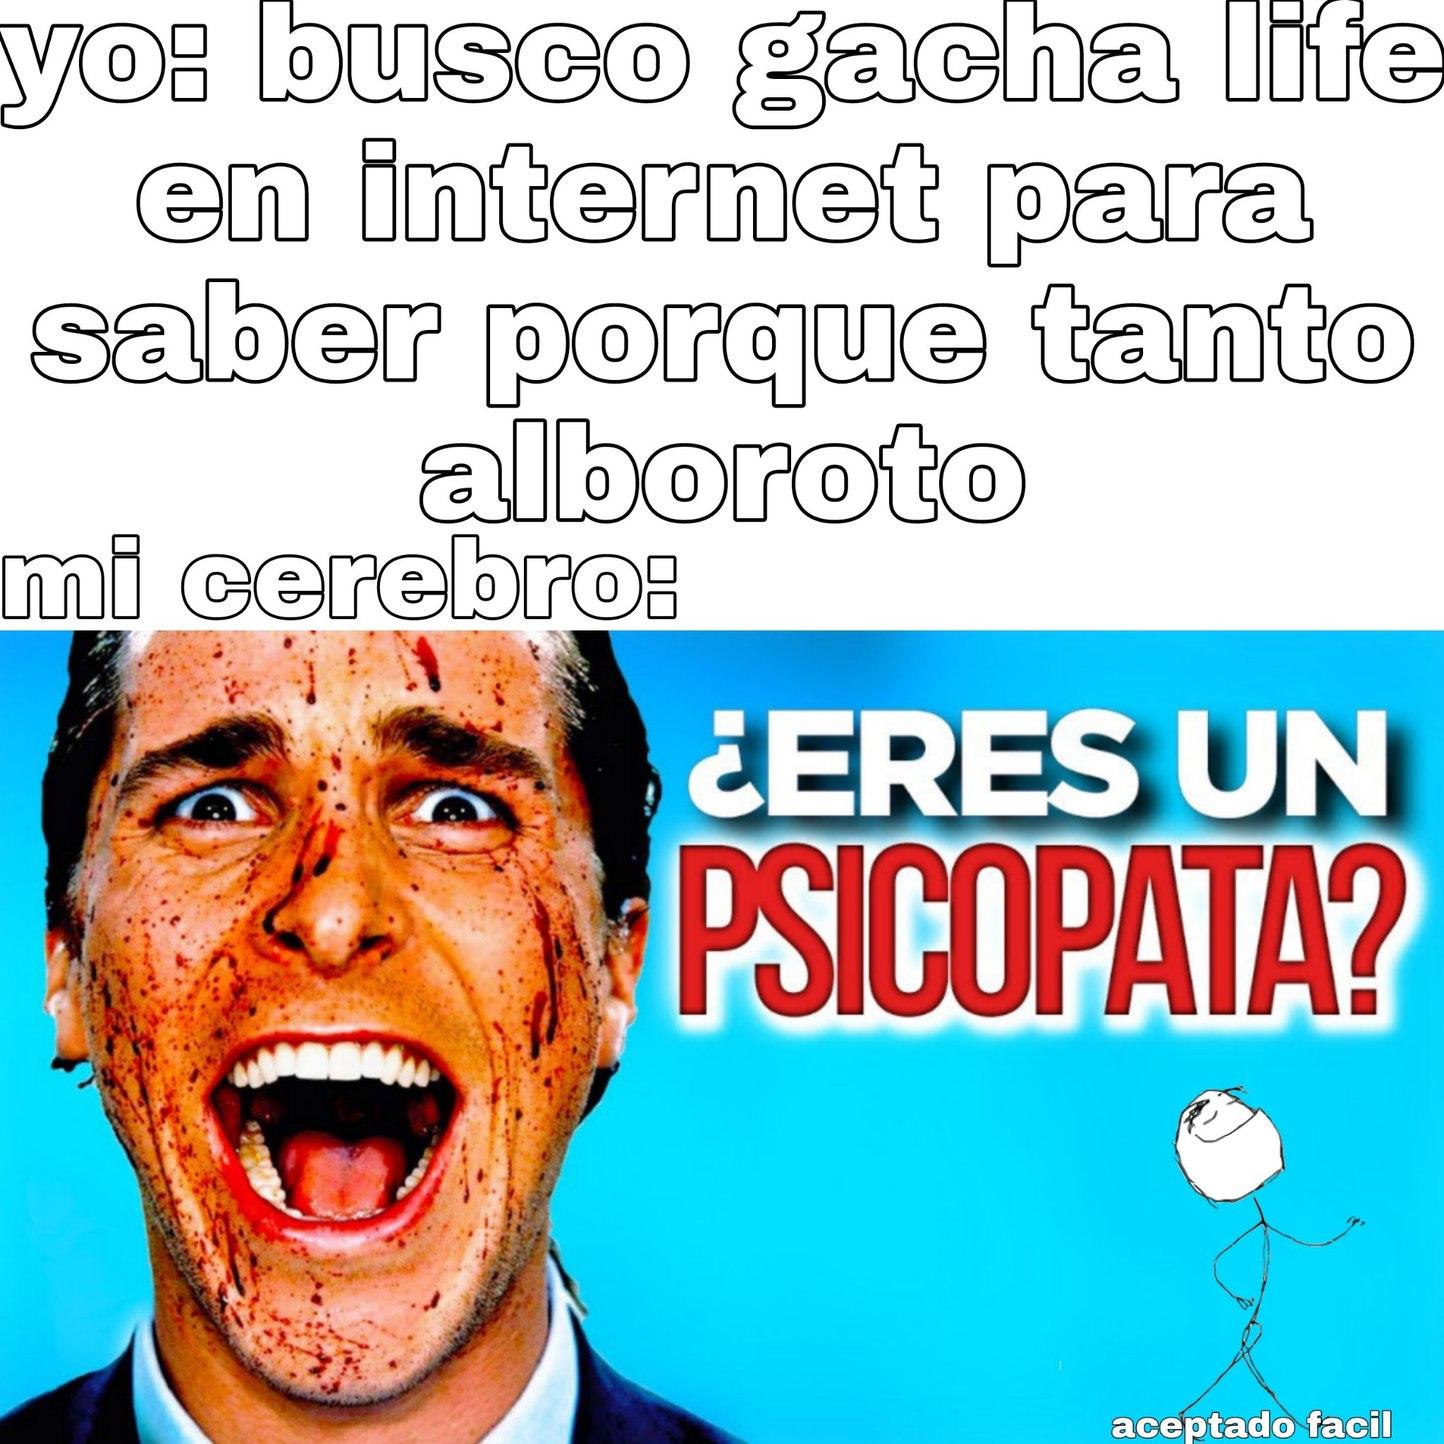 No soy psicopata:betterthan: - meme